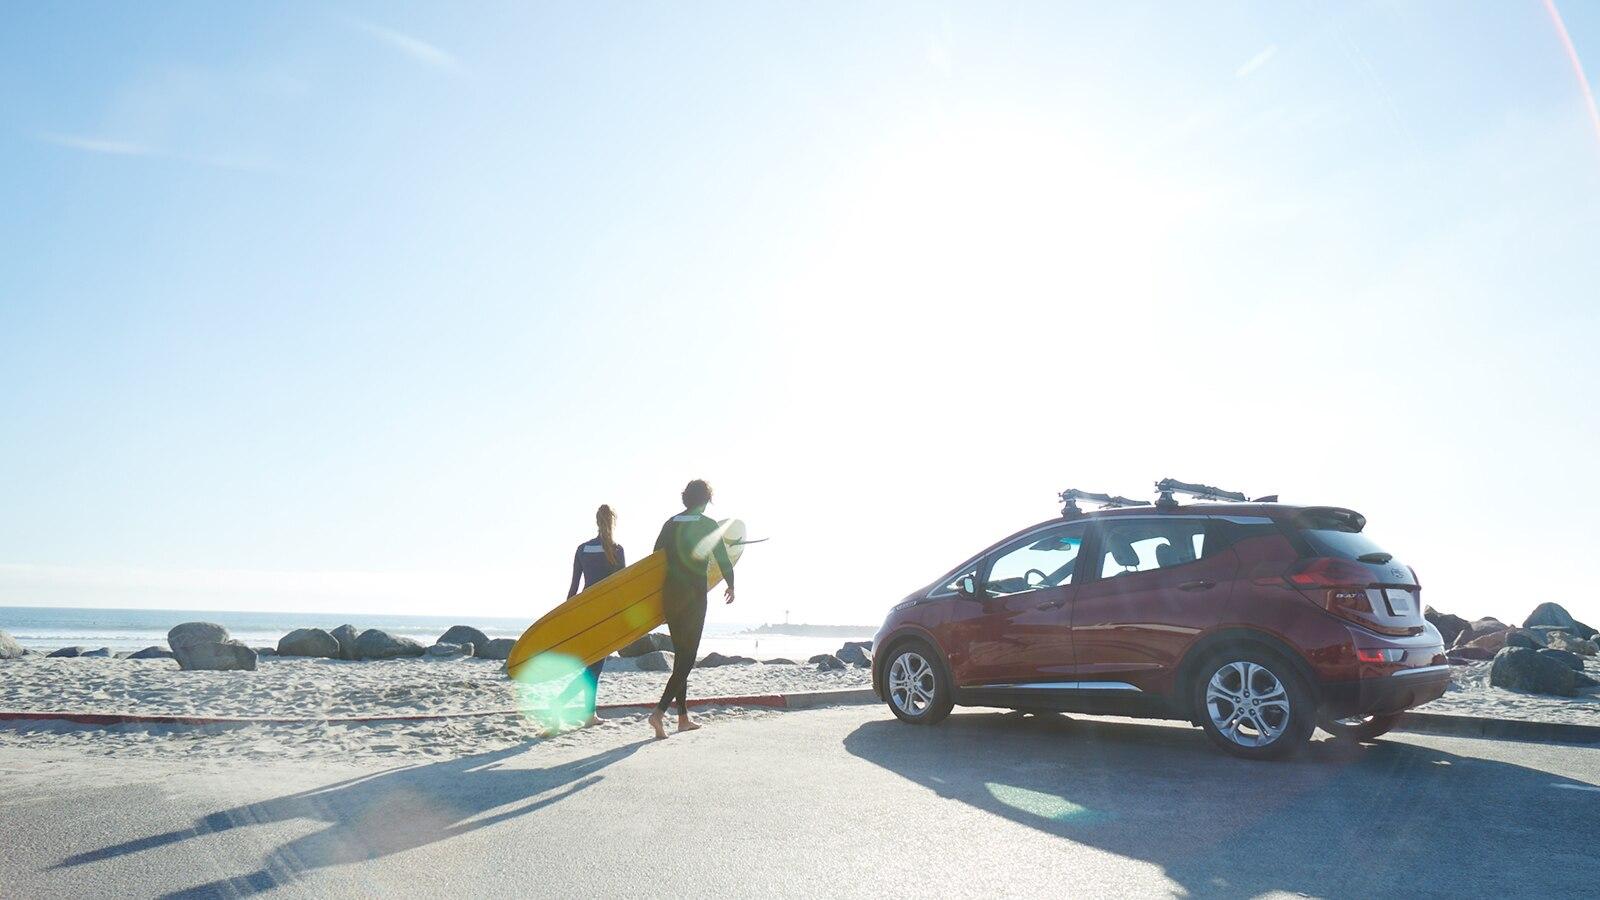 Dos personas en trajes de neopreno caminan desde un estacionamiento hasta la playa llevando una tabla de surf. Un Chevrolet Bolt EV color rojo detenido en un estacionamiento.